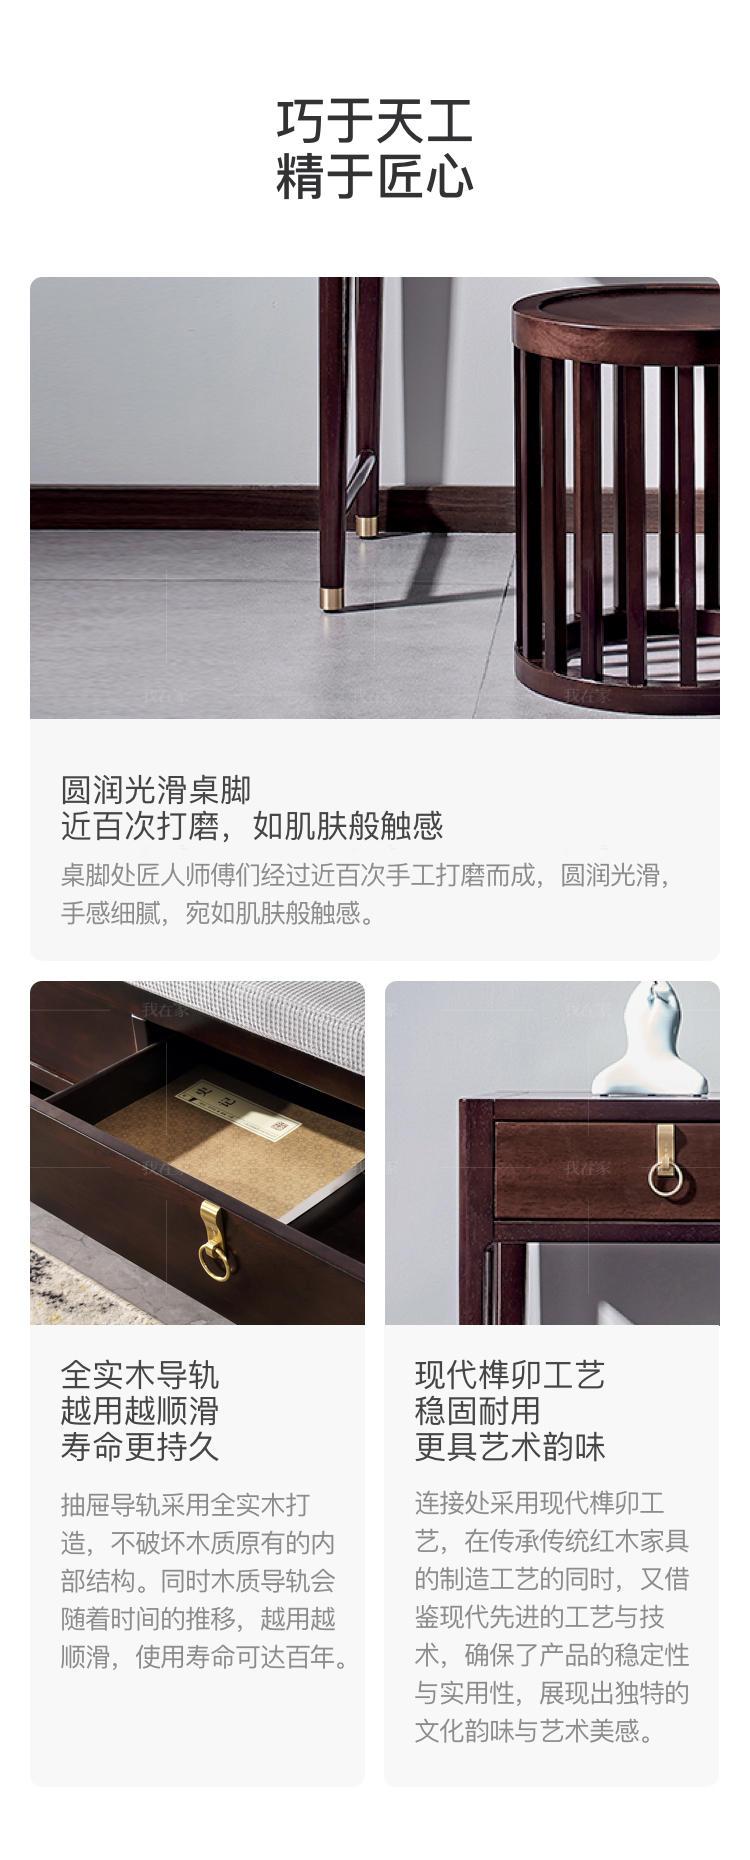 写意东方系列似锦梳妆台的详细介绍